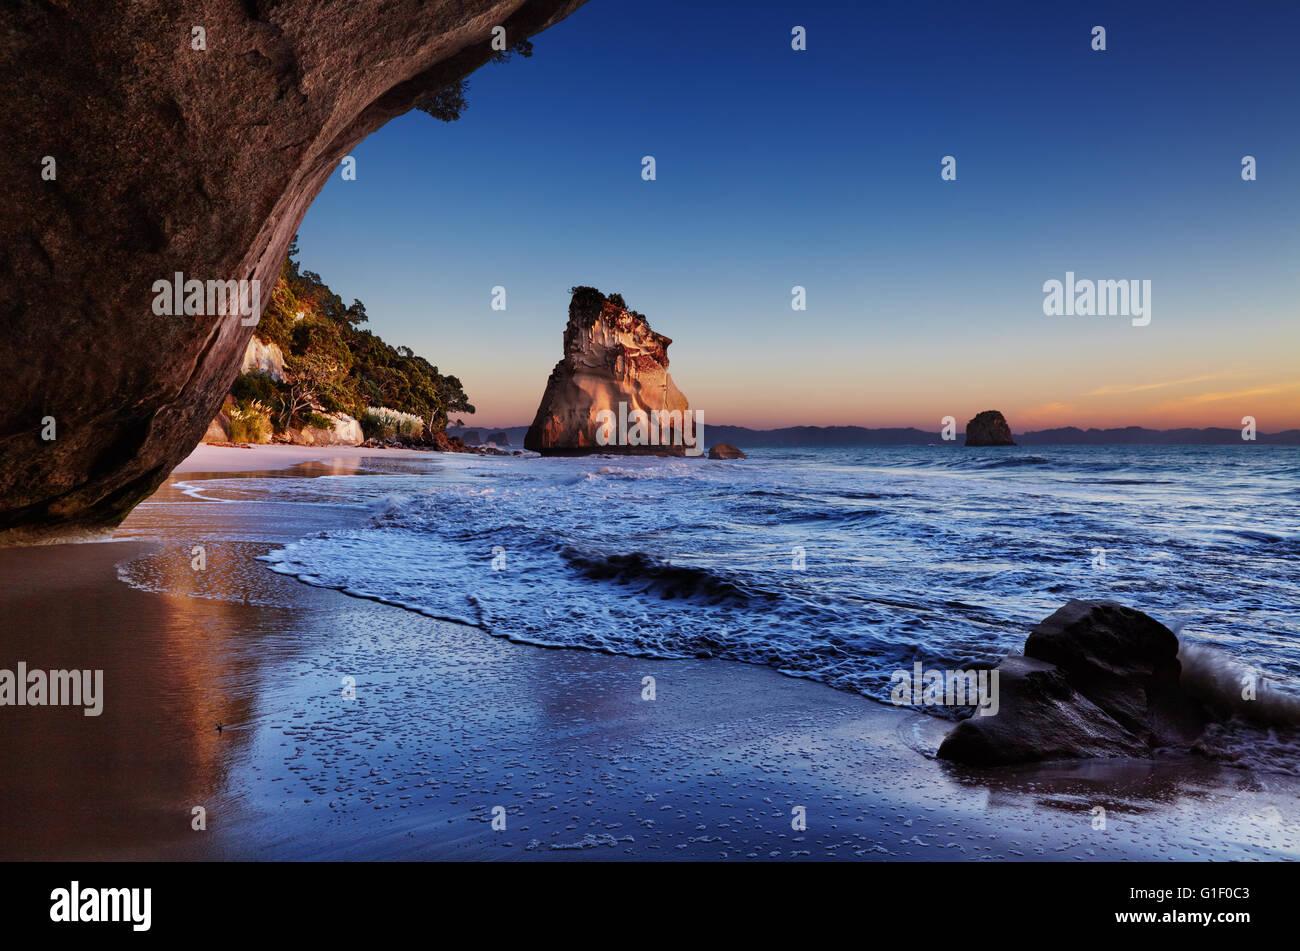 Cathedral Cove at sunrise, Coromandel Peninsula, New Zealand - Stock Image